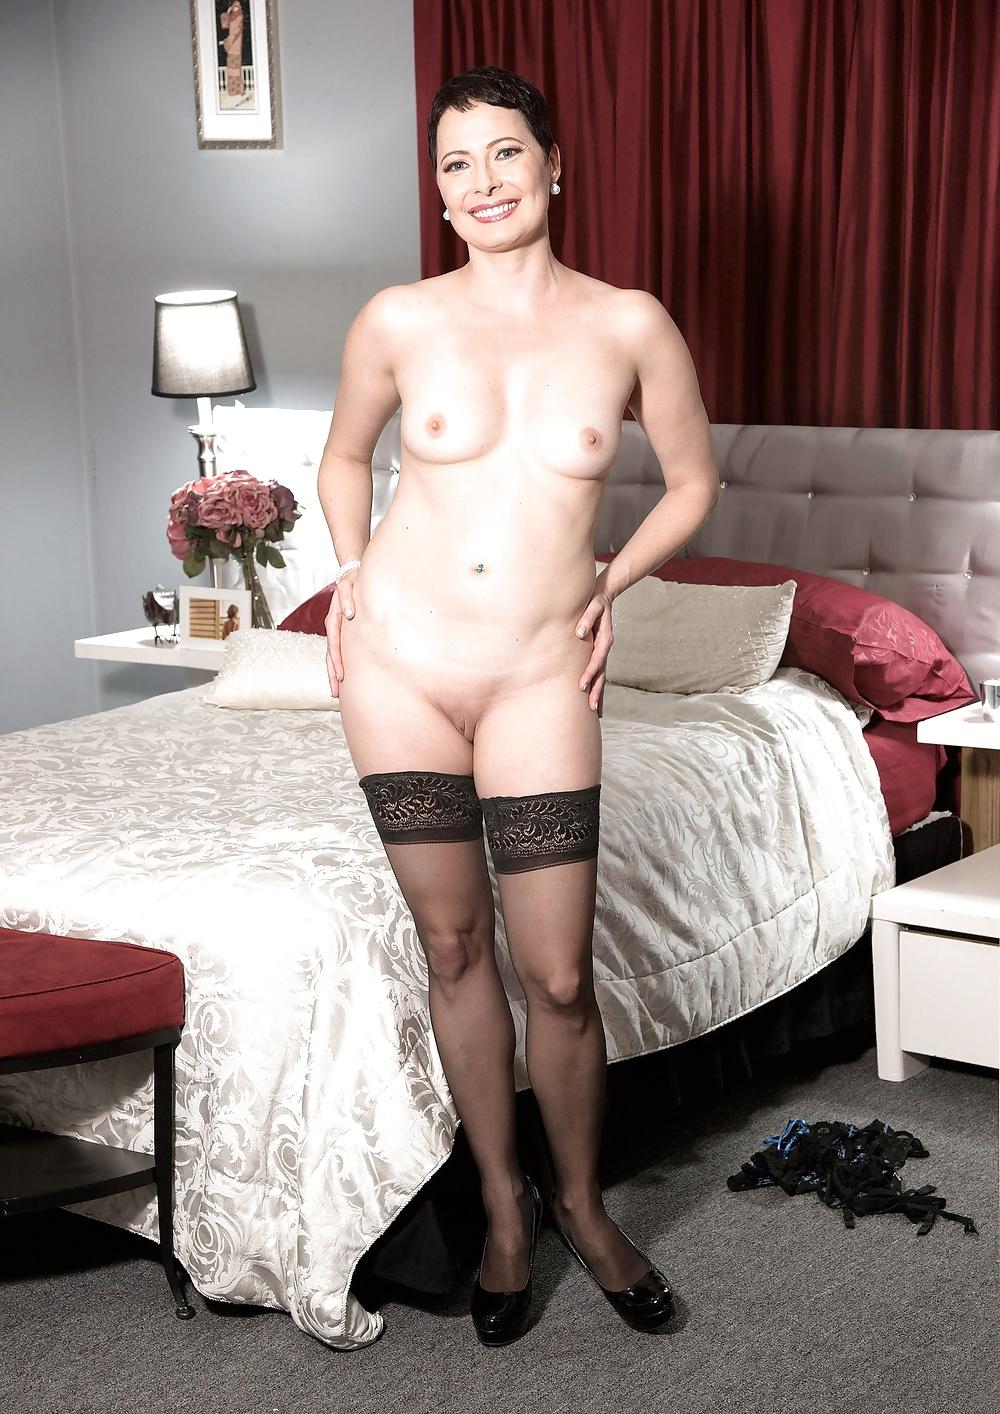 photo sexe rencontres matures salope du 39